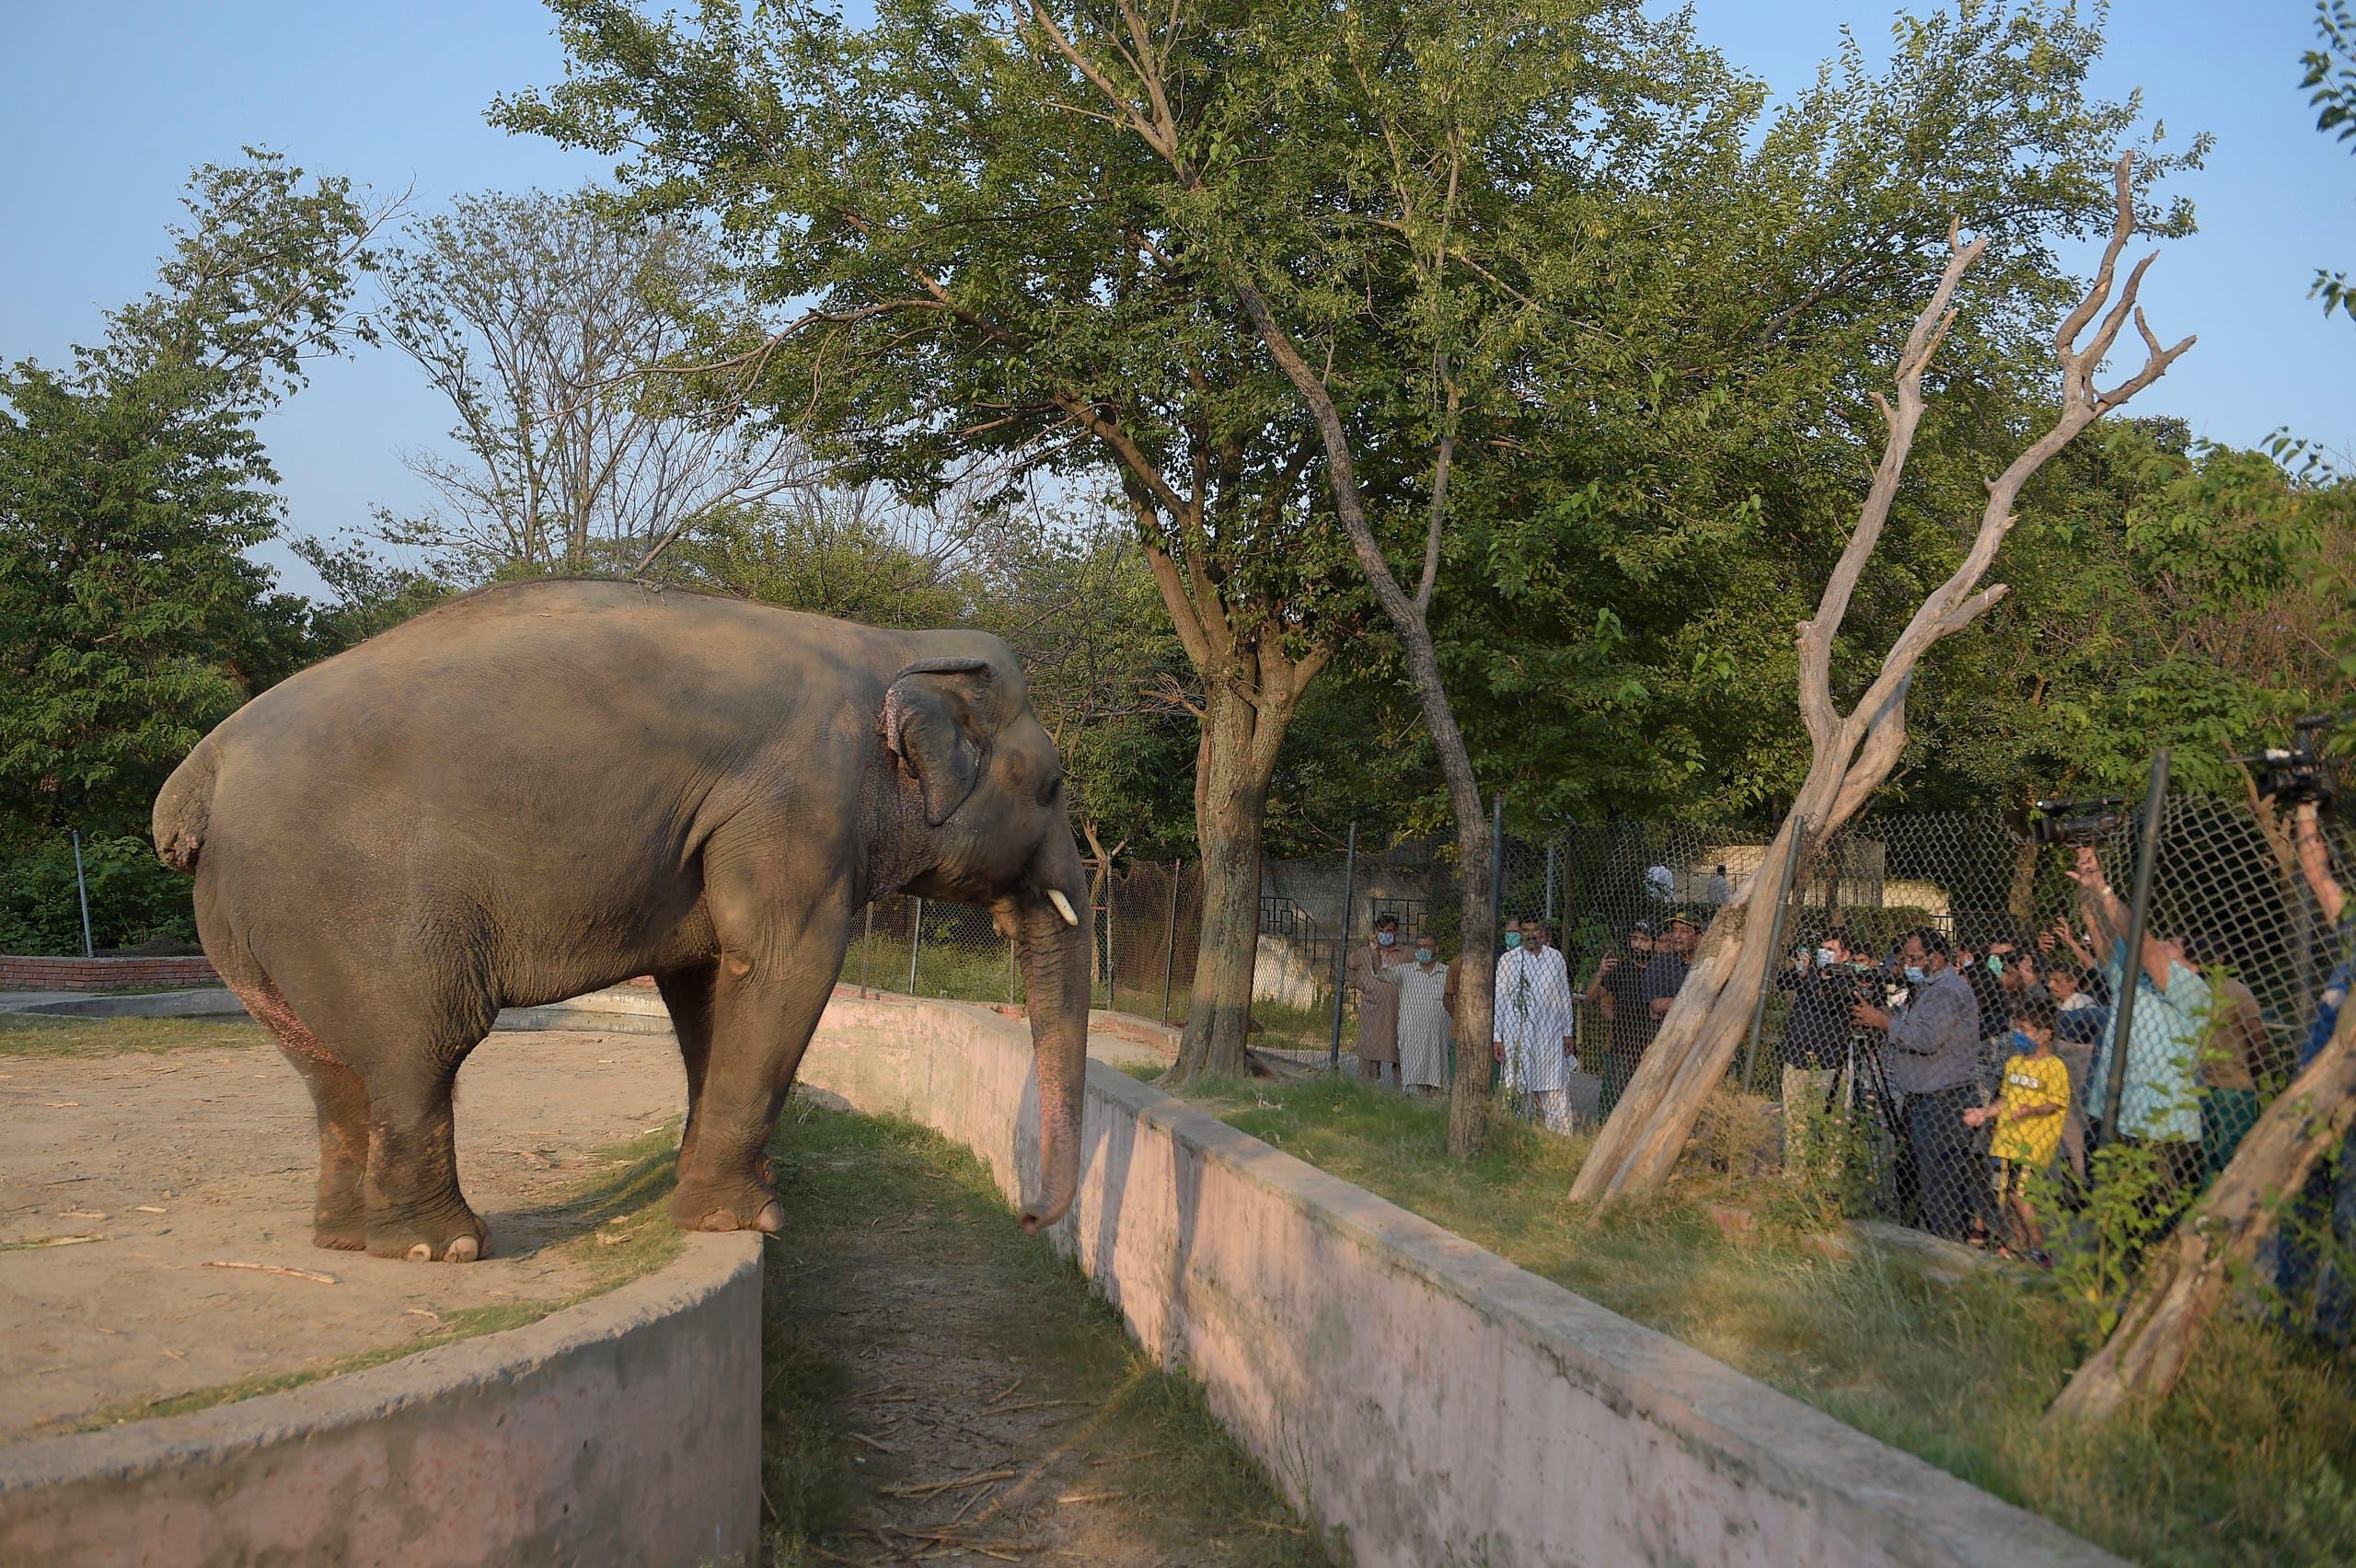 الفيل كافان وحيداً في حديقة بالعاصمة الباكستانية (أرشيفية)